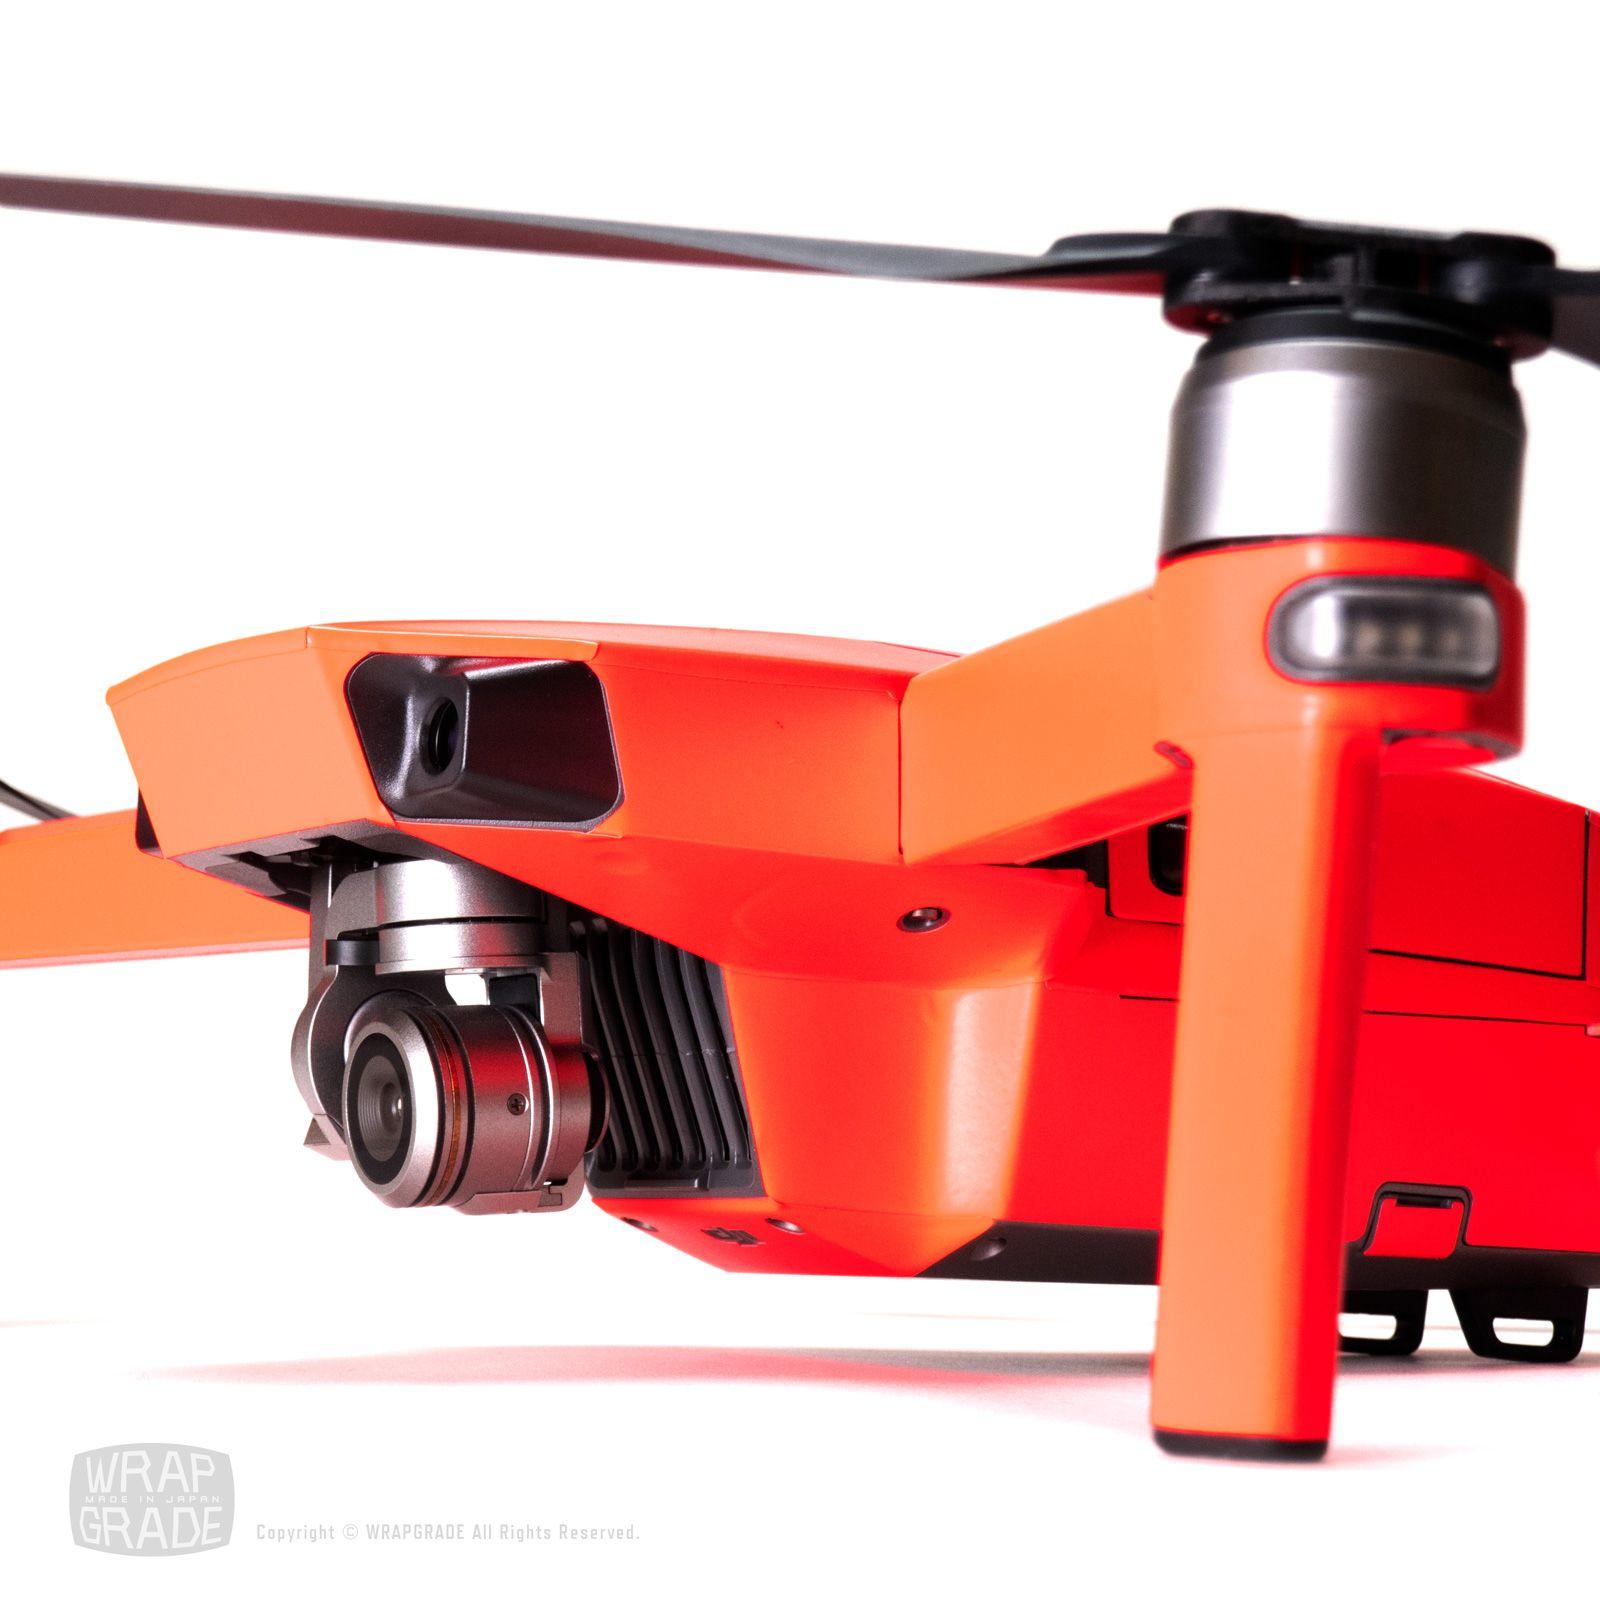 ボード「Drone Skins for DIY wrapping DJI Mavic Pro, Mavic